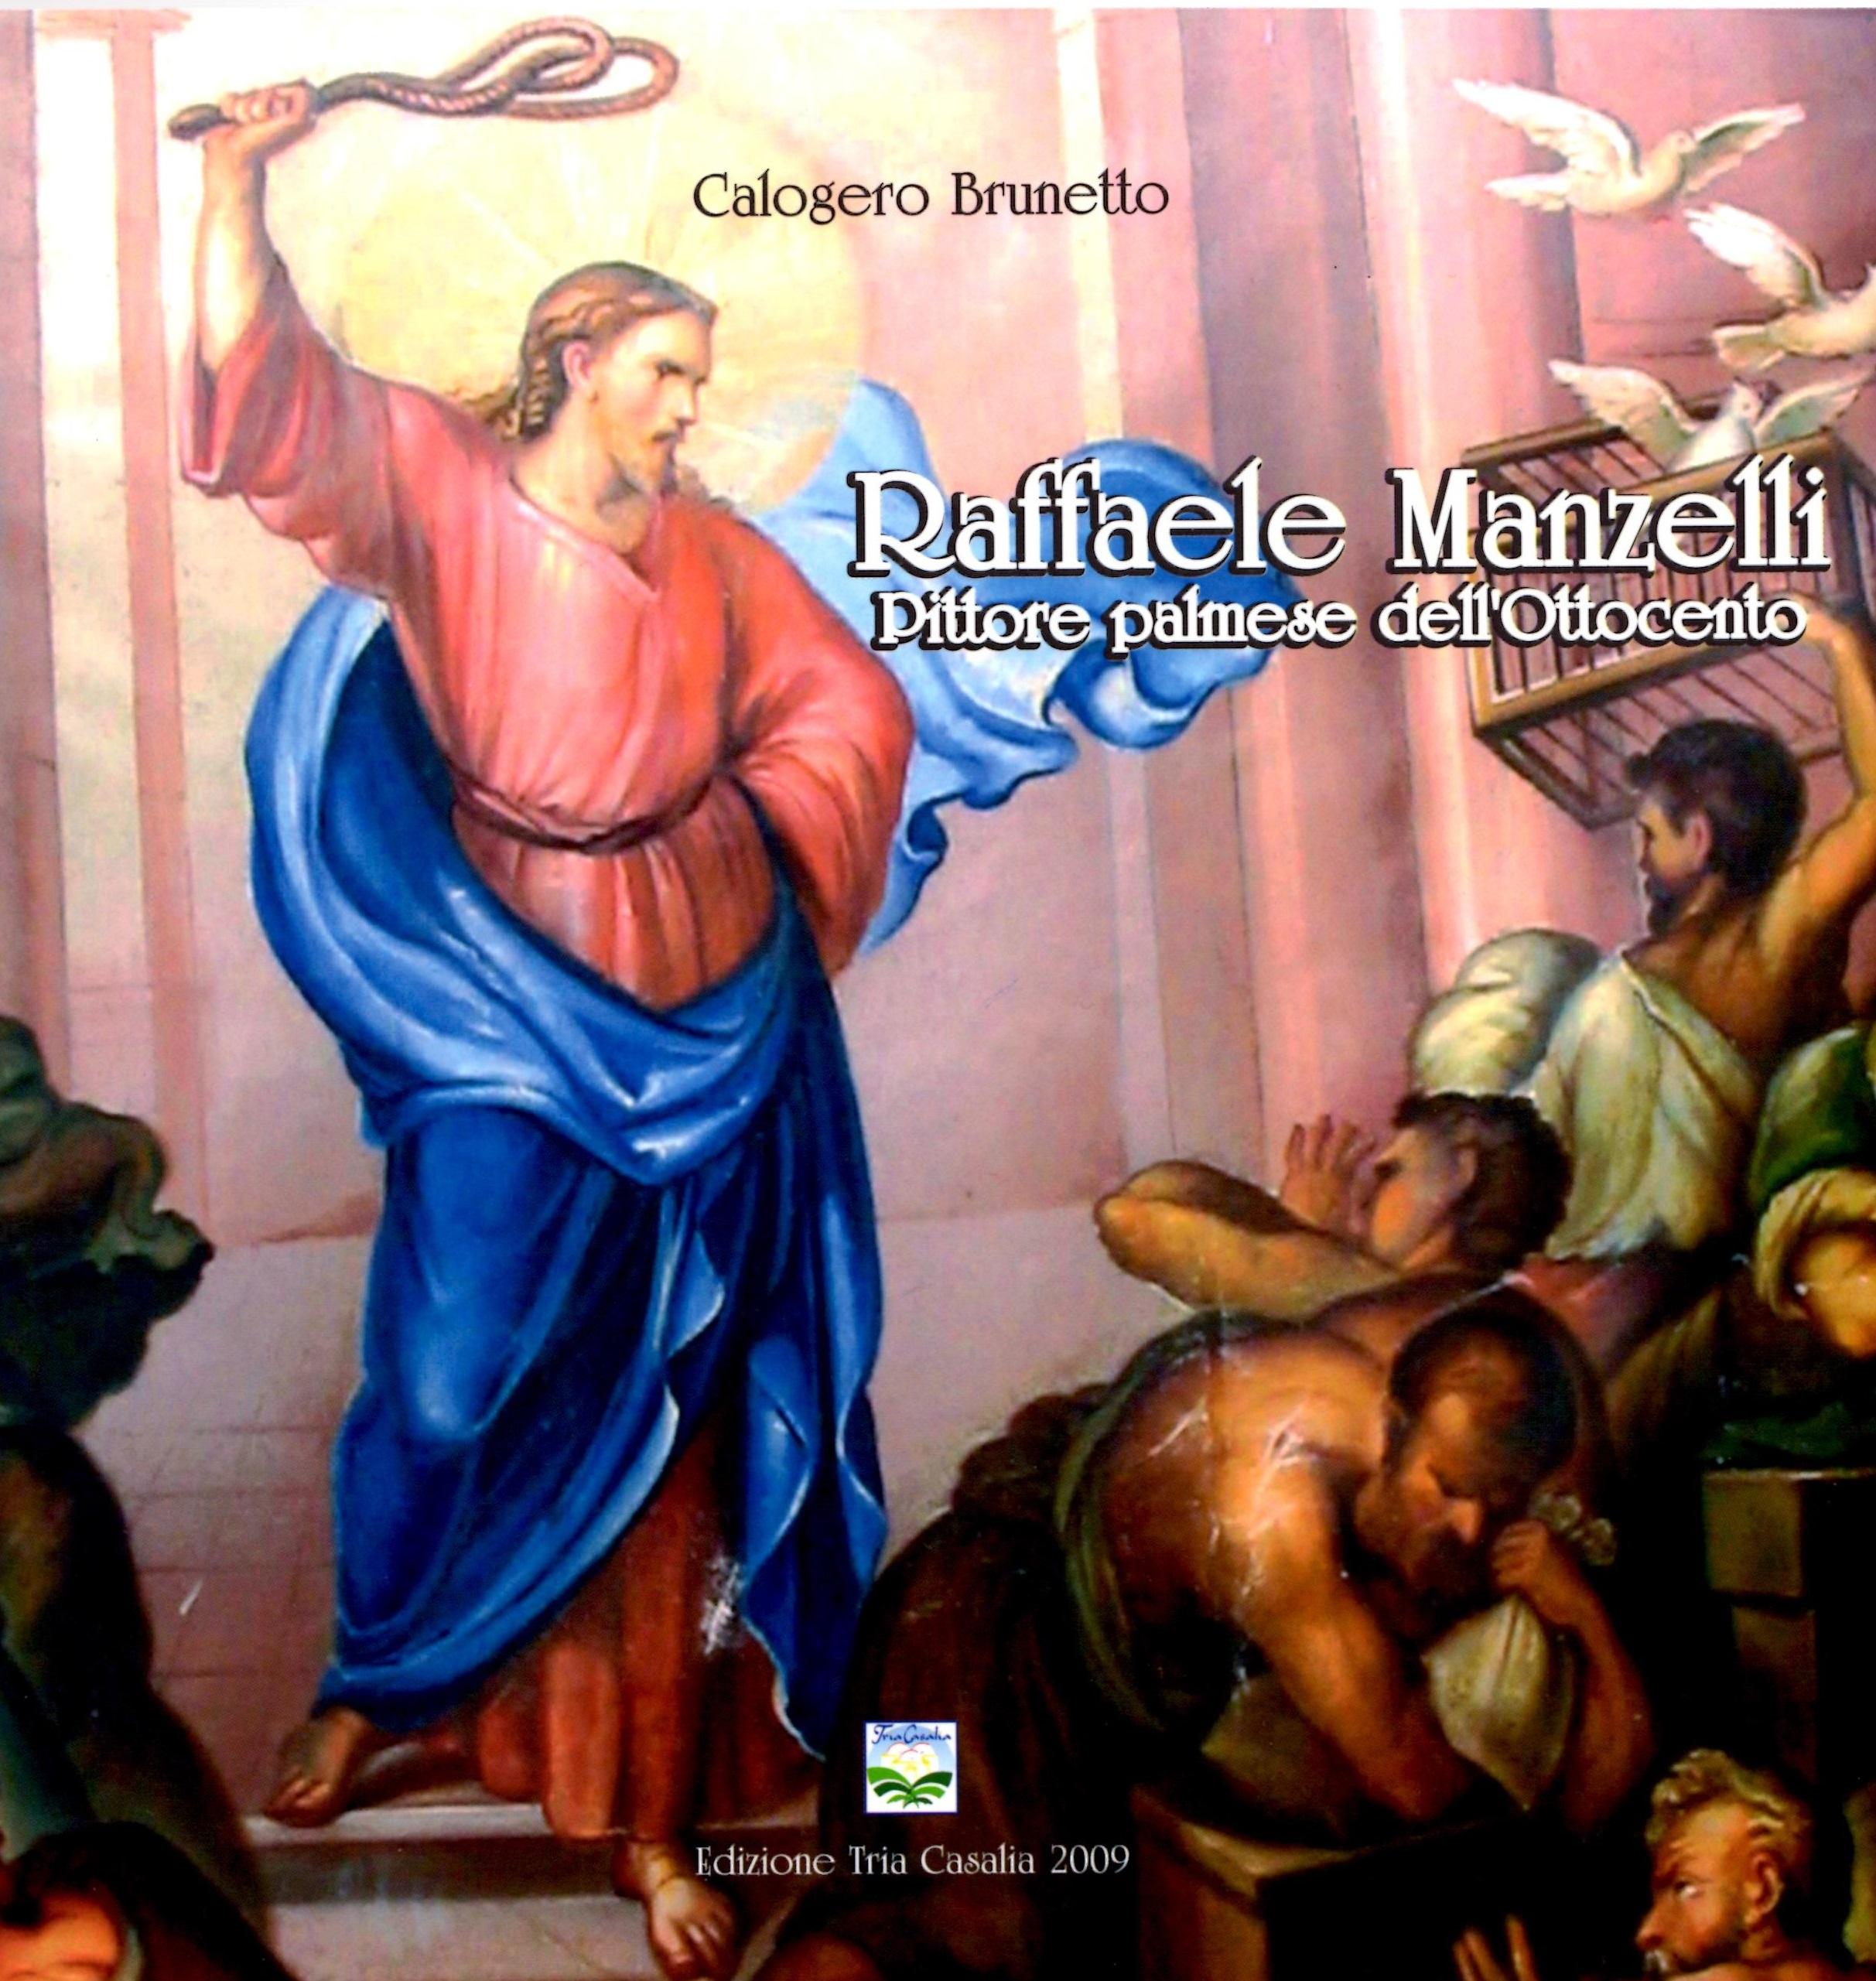 Raffaele Manzelli